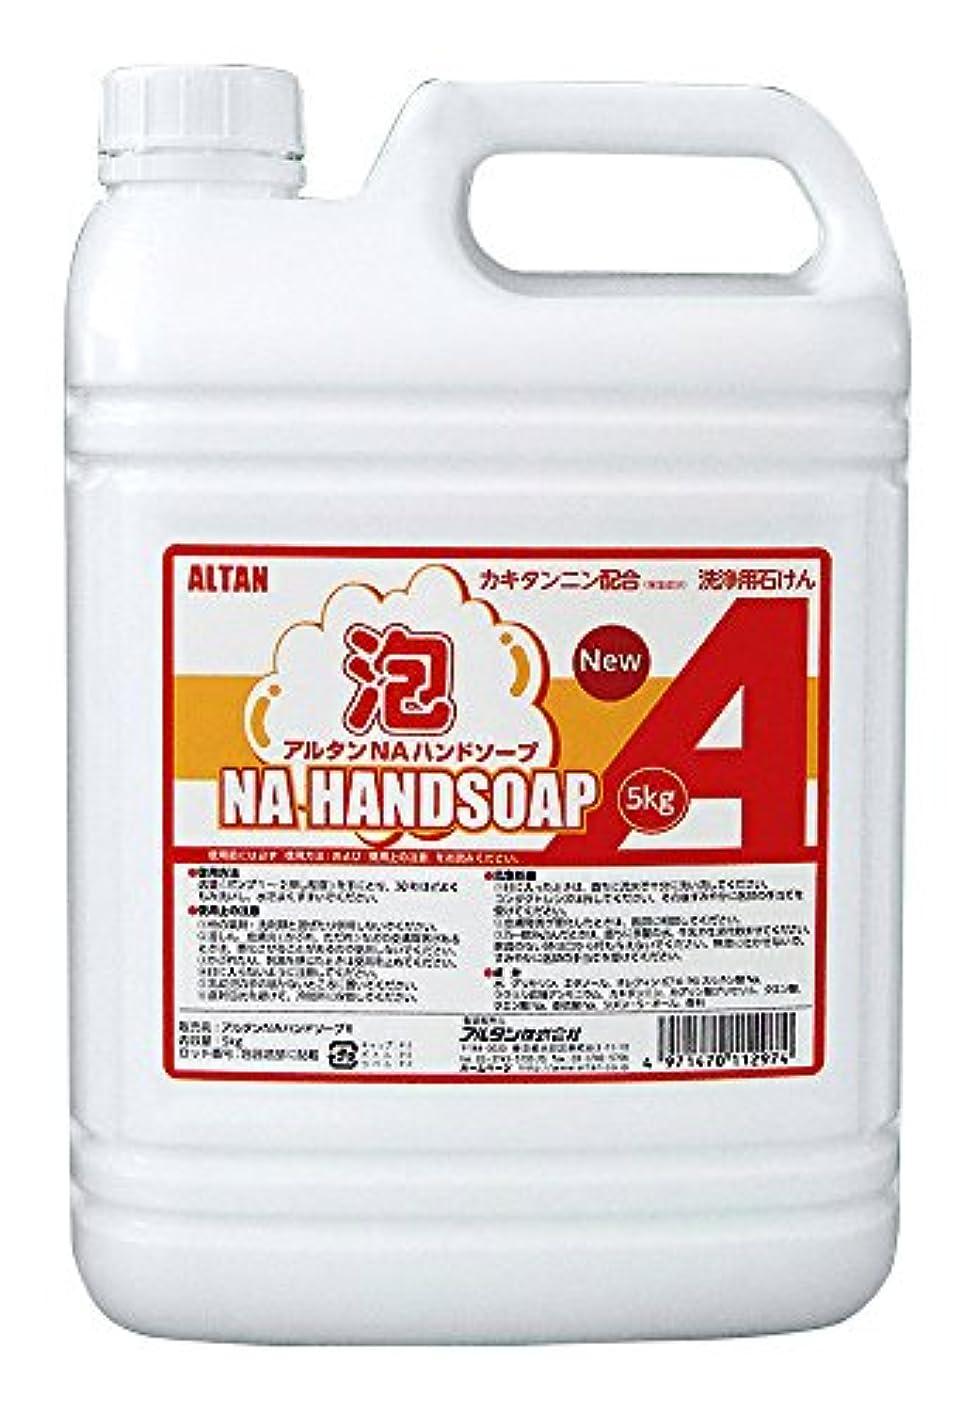 スワップ吸う精度ALTAN 洗浄用石けん アルタンNA ハンドソープ 泡タイプ 5kg